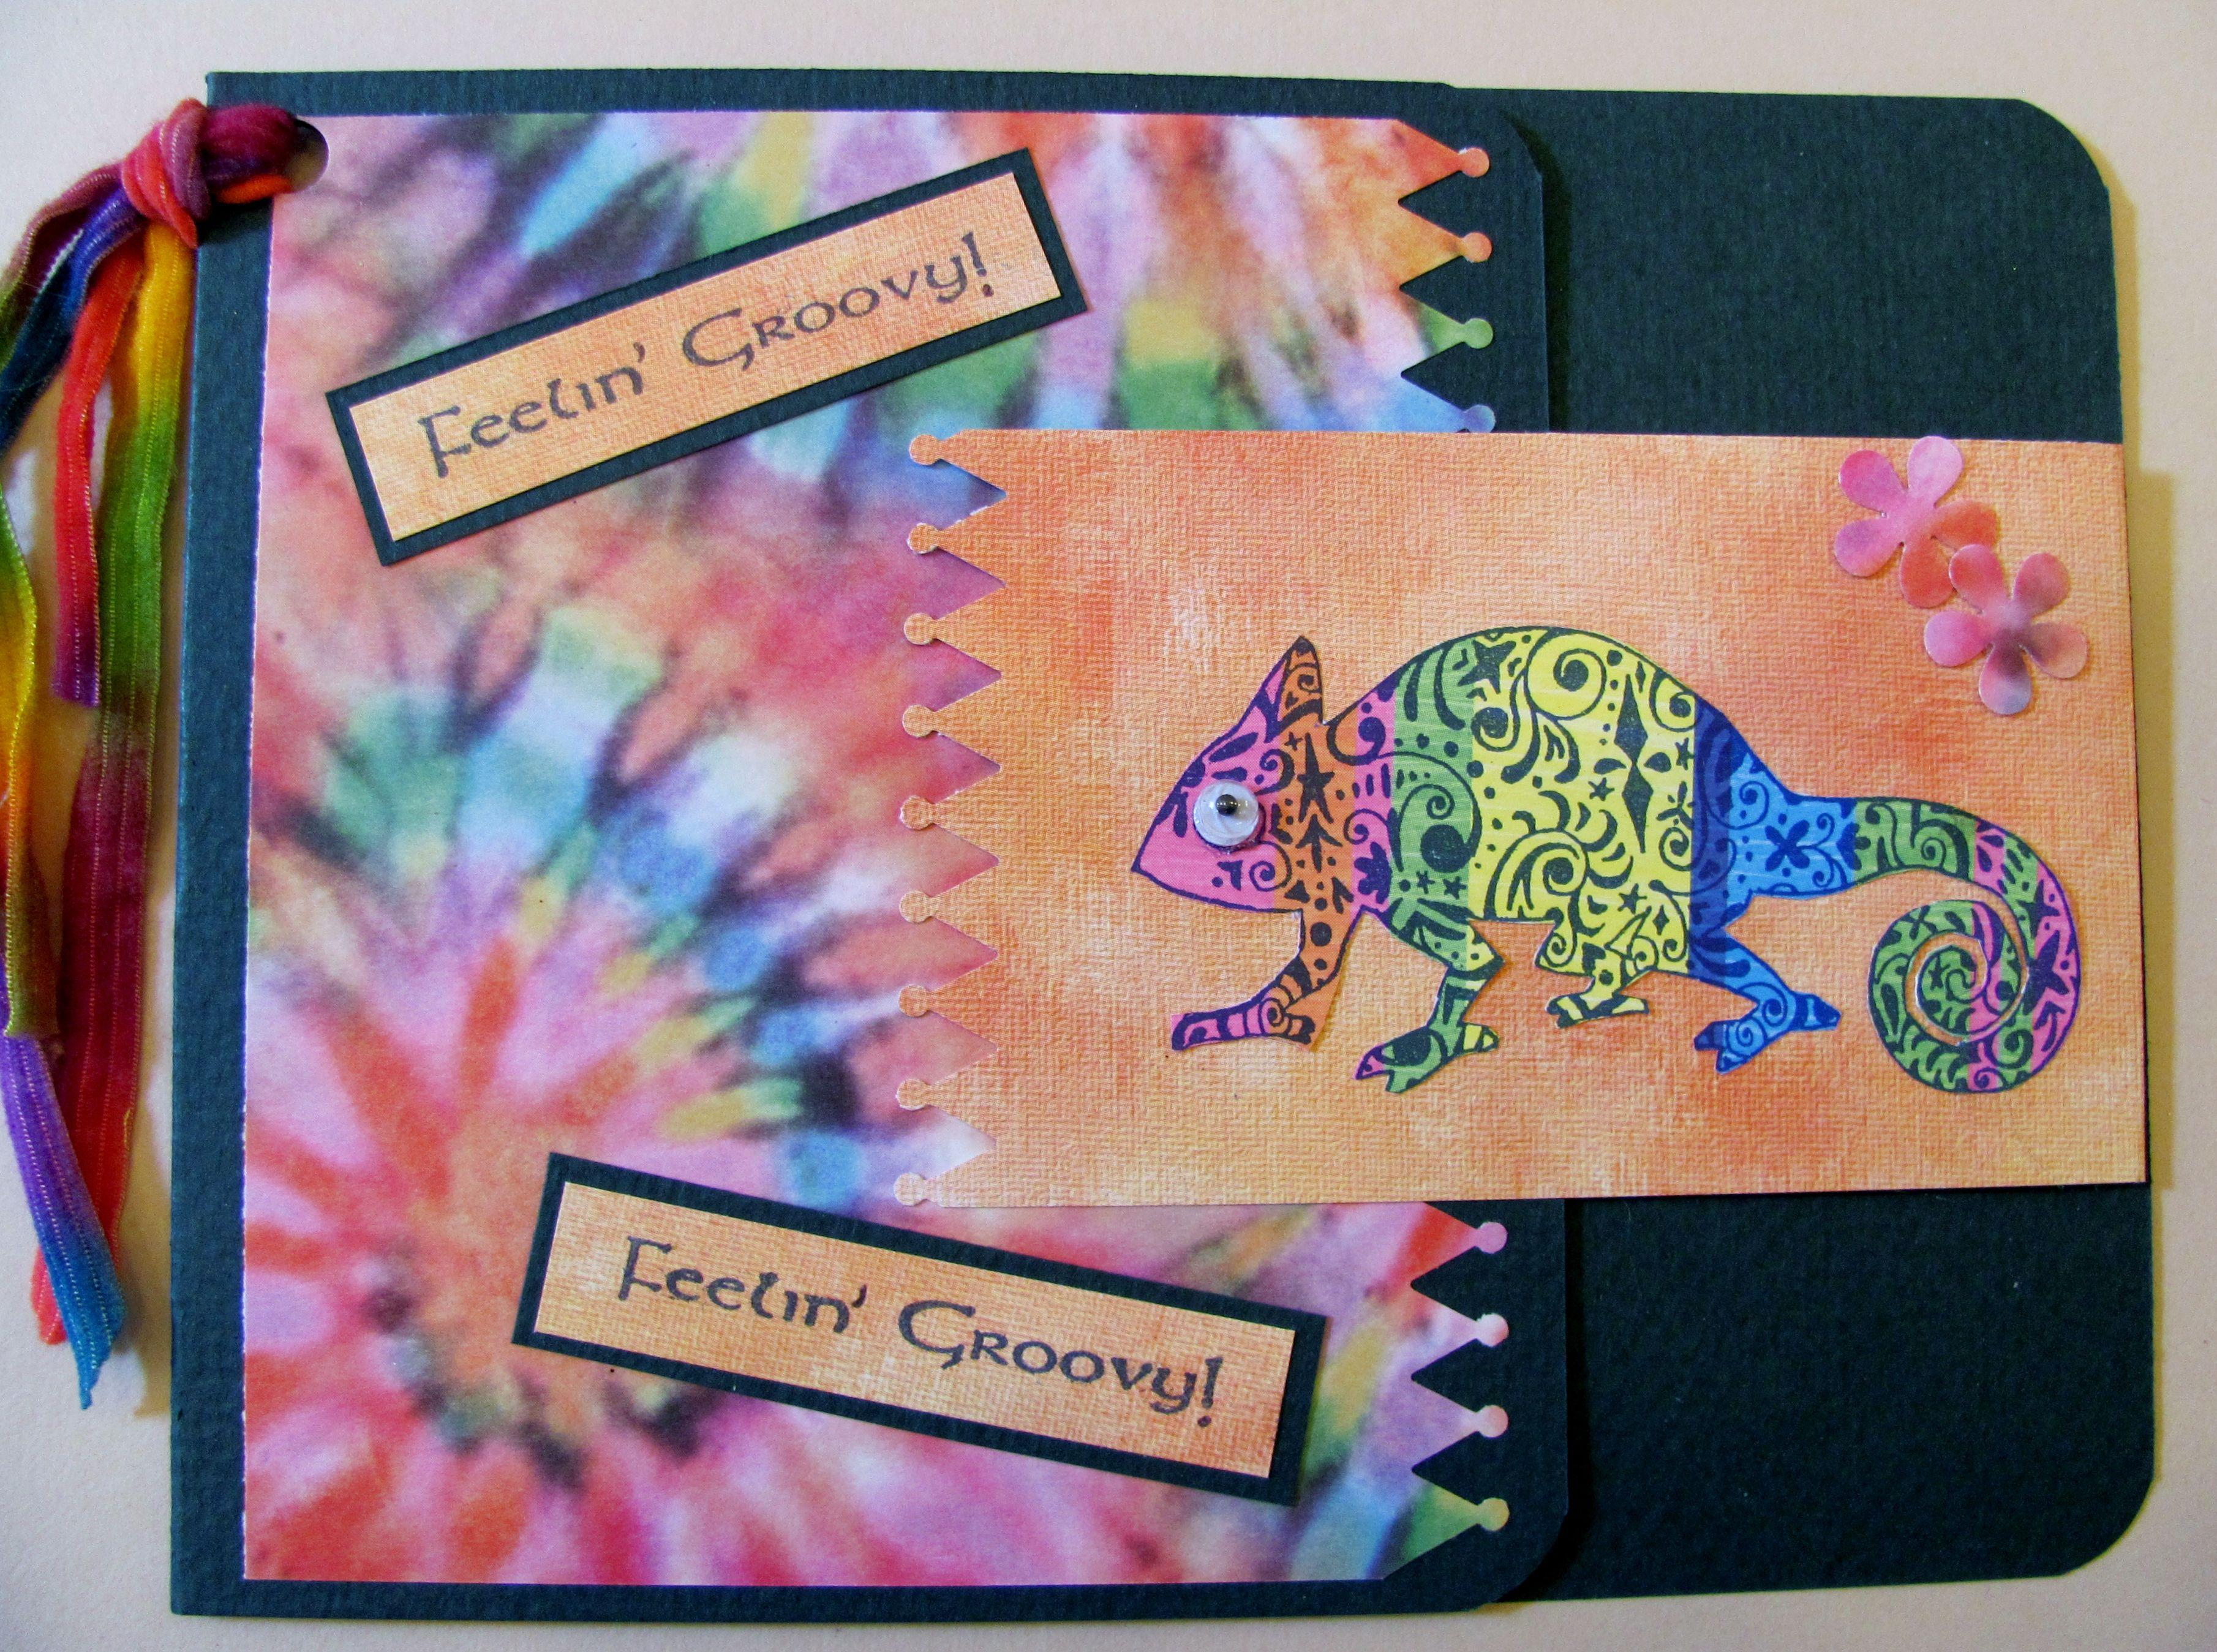 Beau Door County Rubber Stamps   Iguana